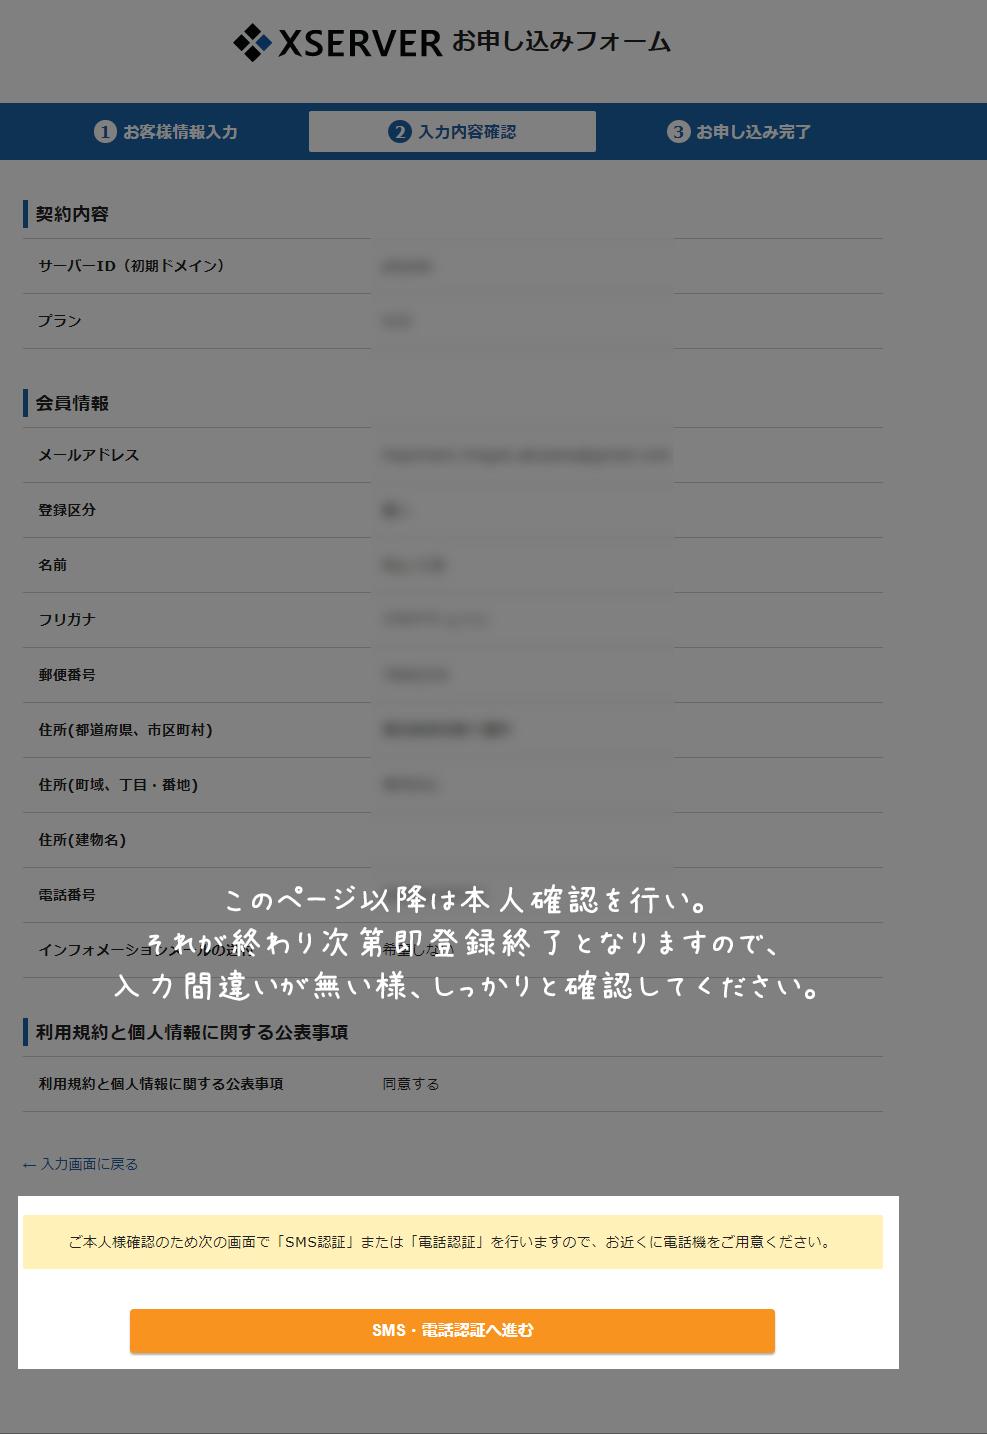 新規申込時の個人情報入力確認ページ